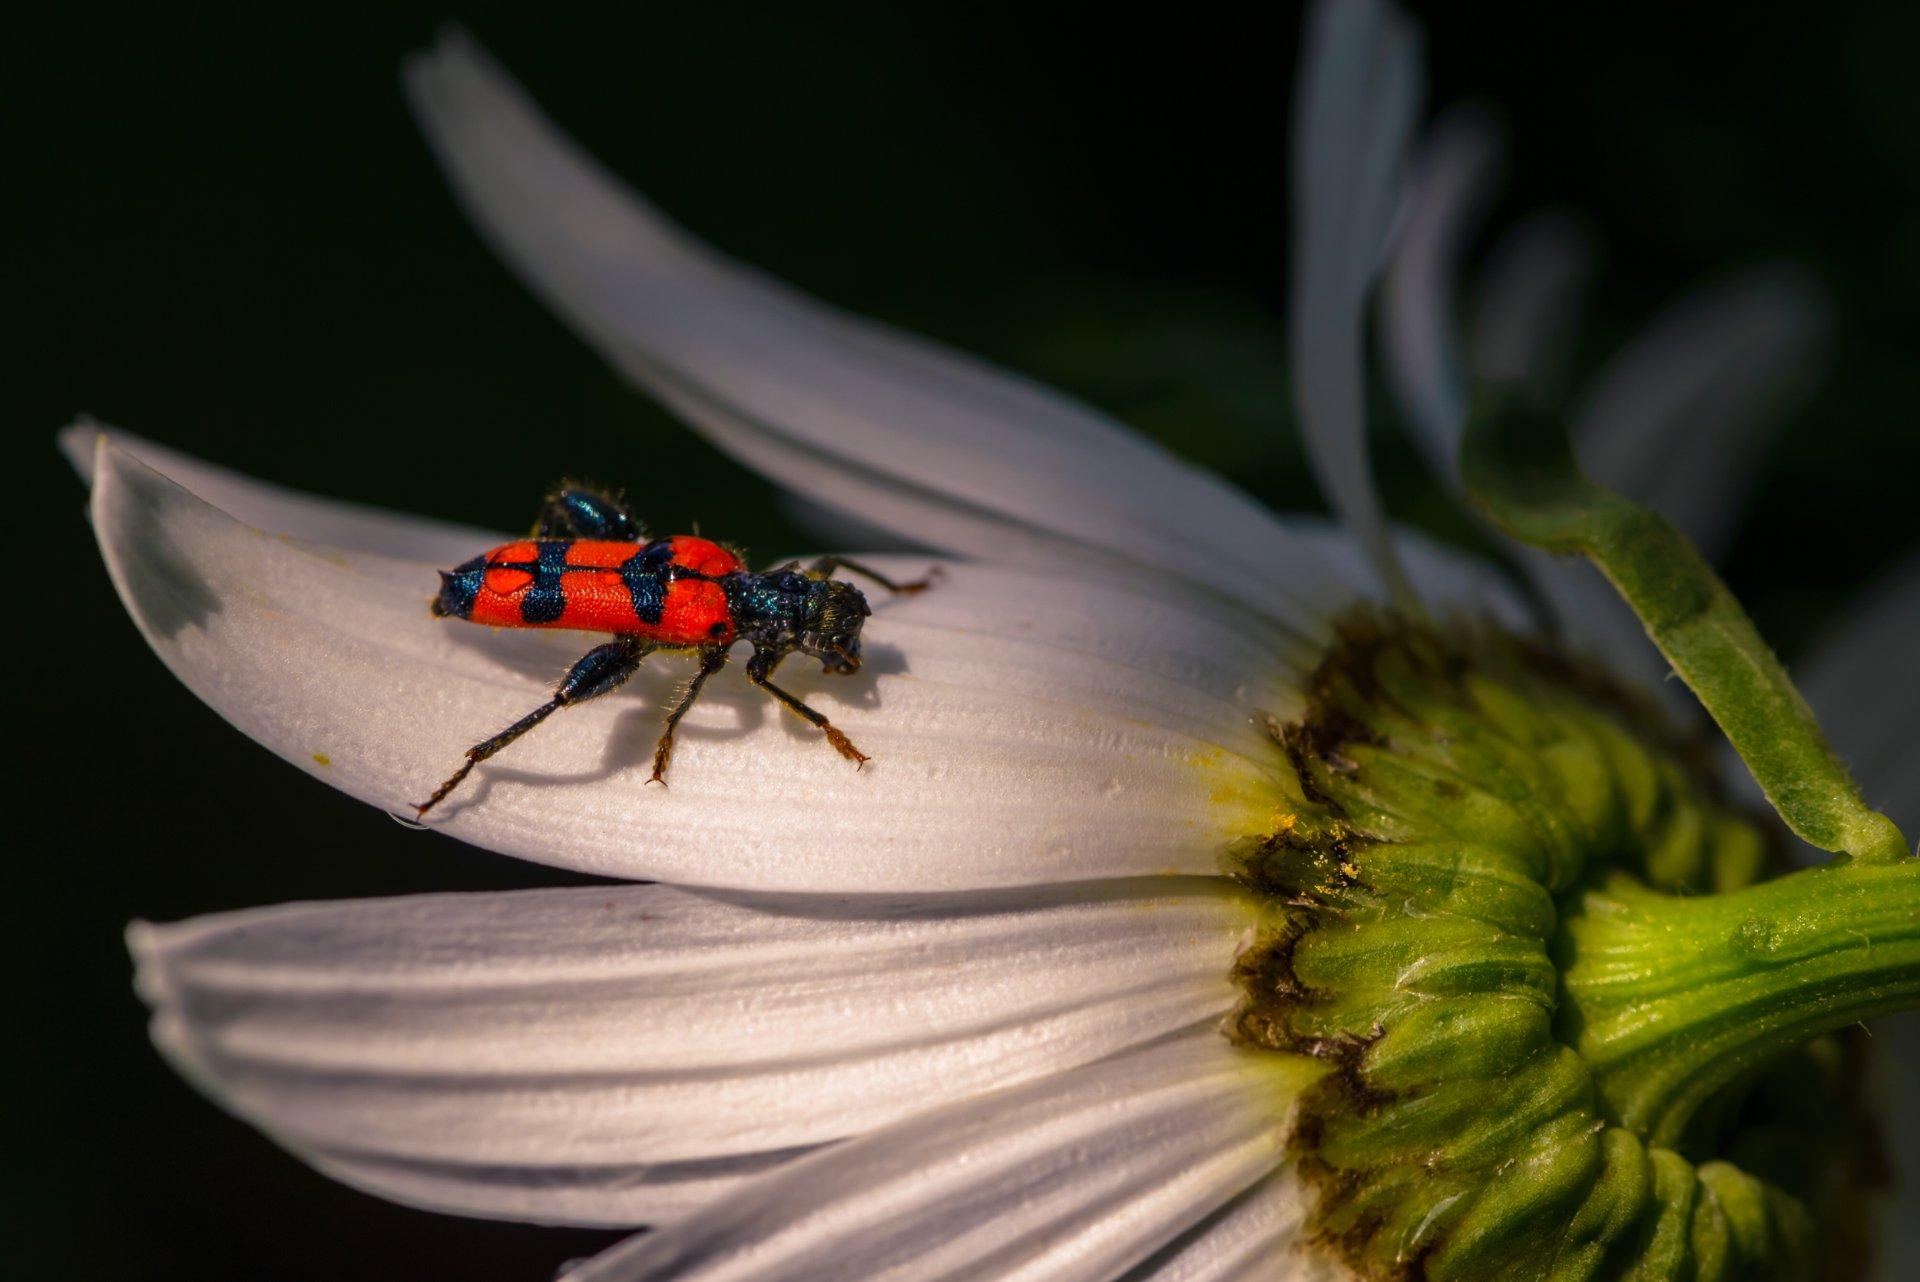 природа, макро, насекомое, жук, пестряк пчелиный, цветок, ромашка, Неля Рачкова